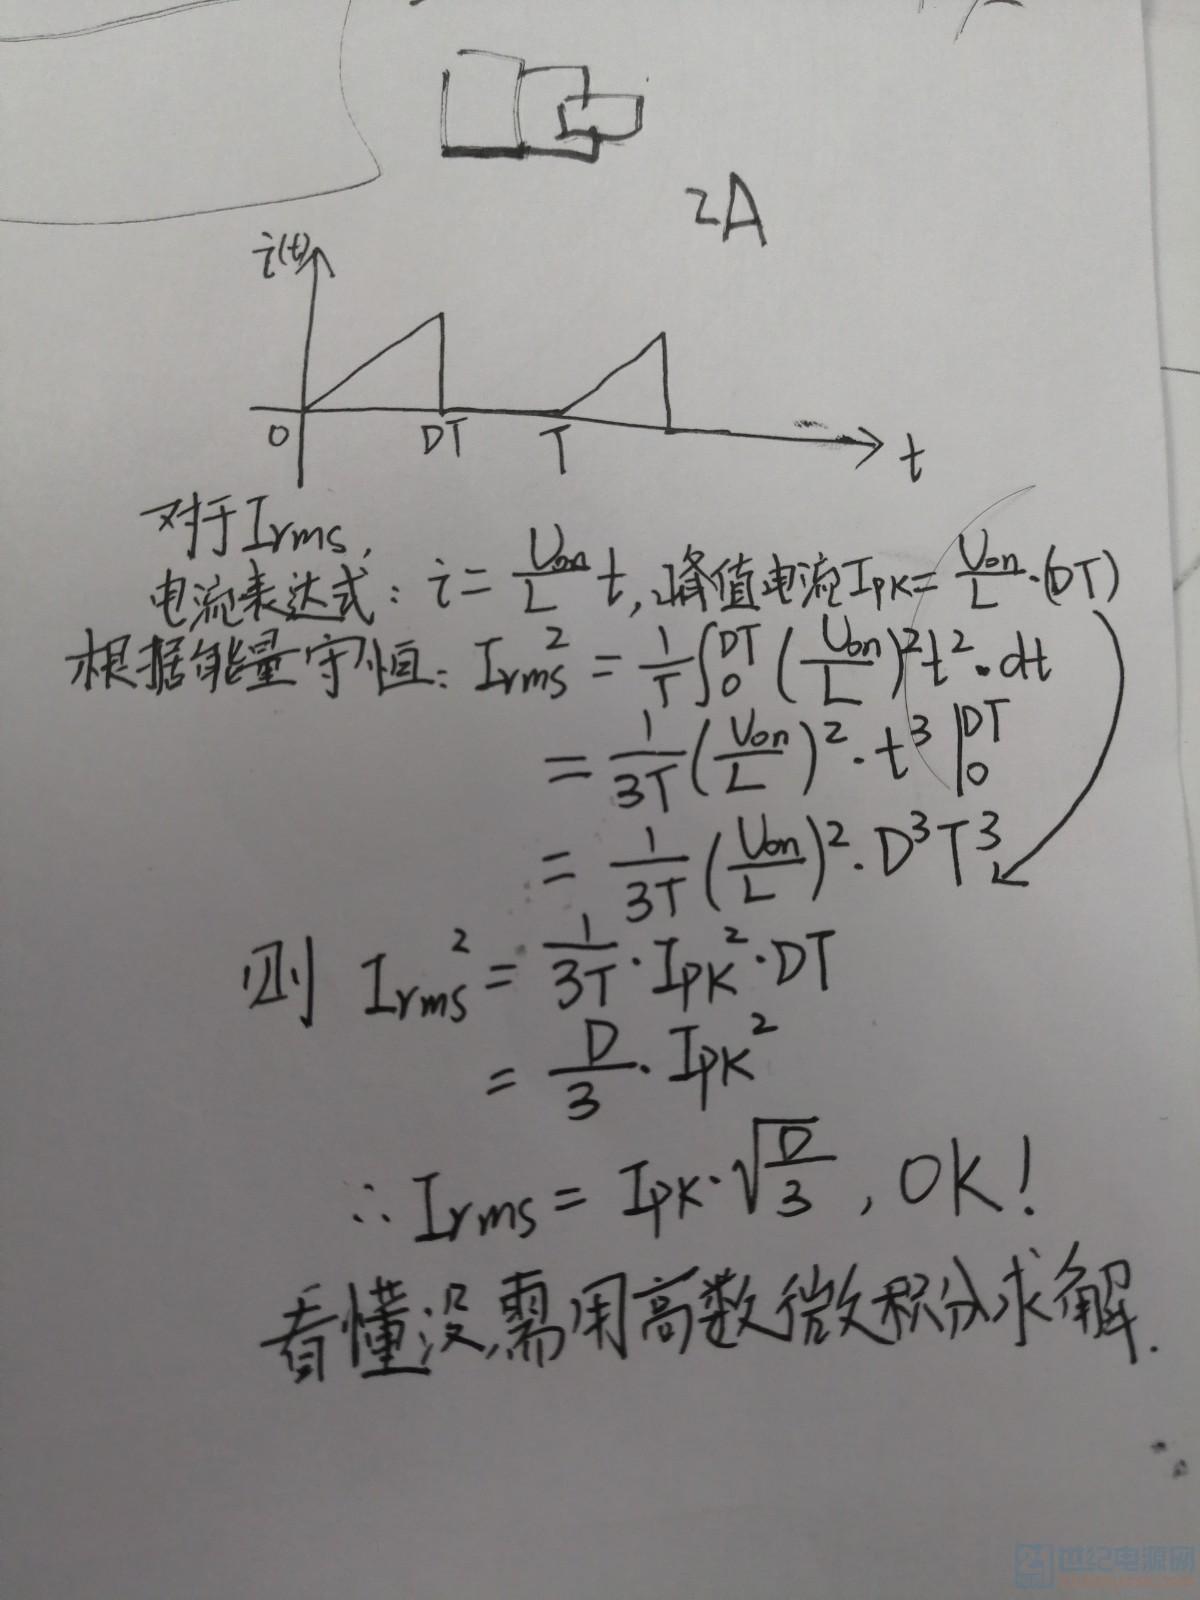 有效值计算公式